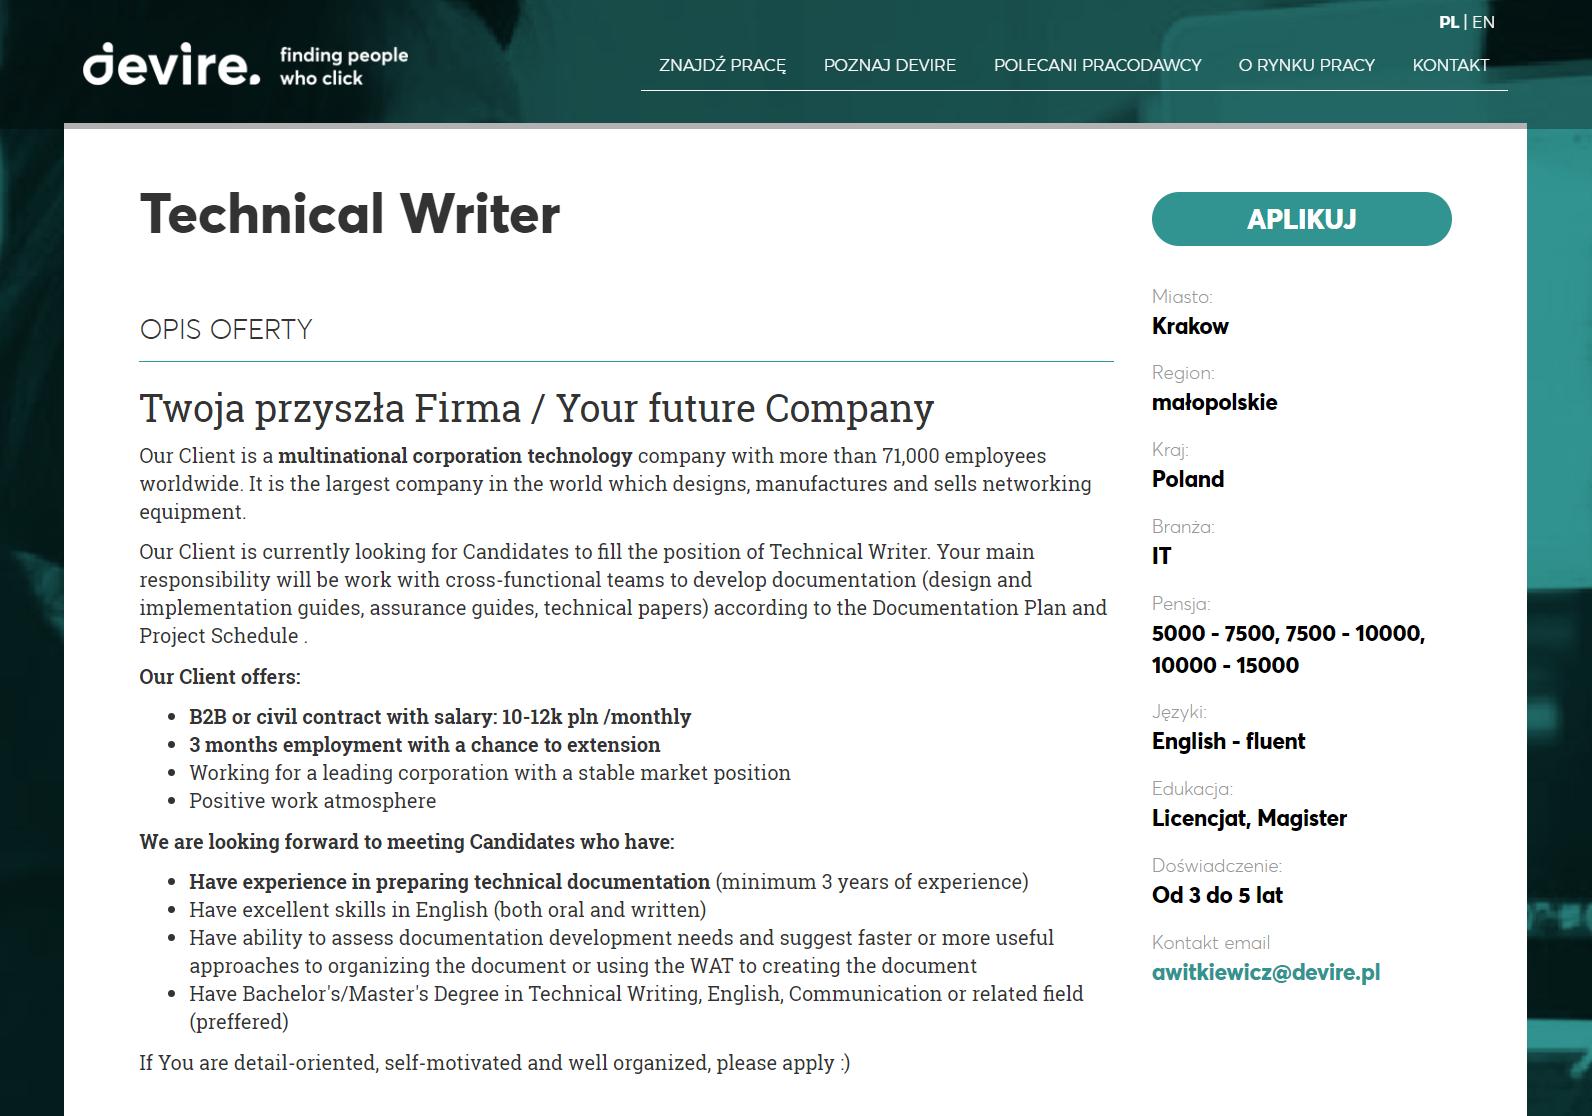 zrzut ekranu z ofertą pracy devire